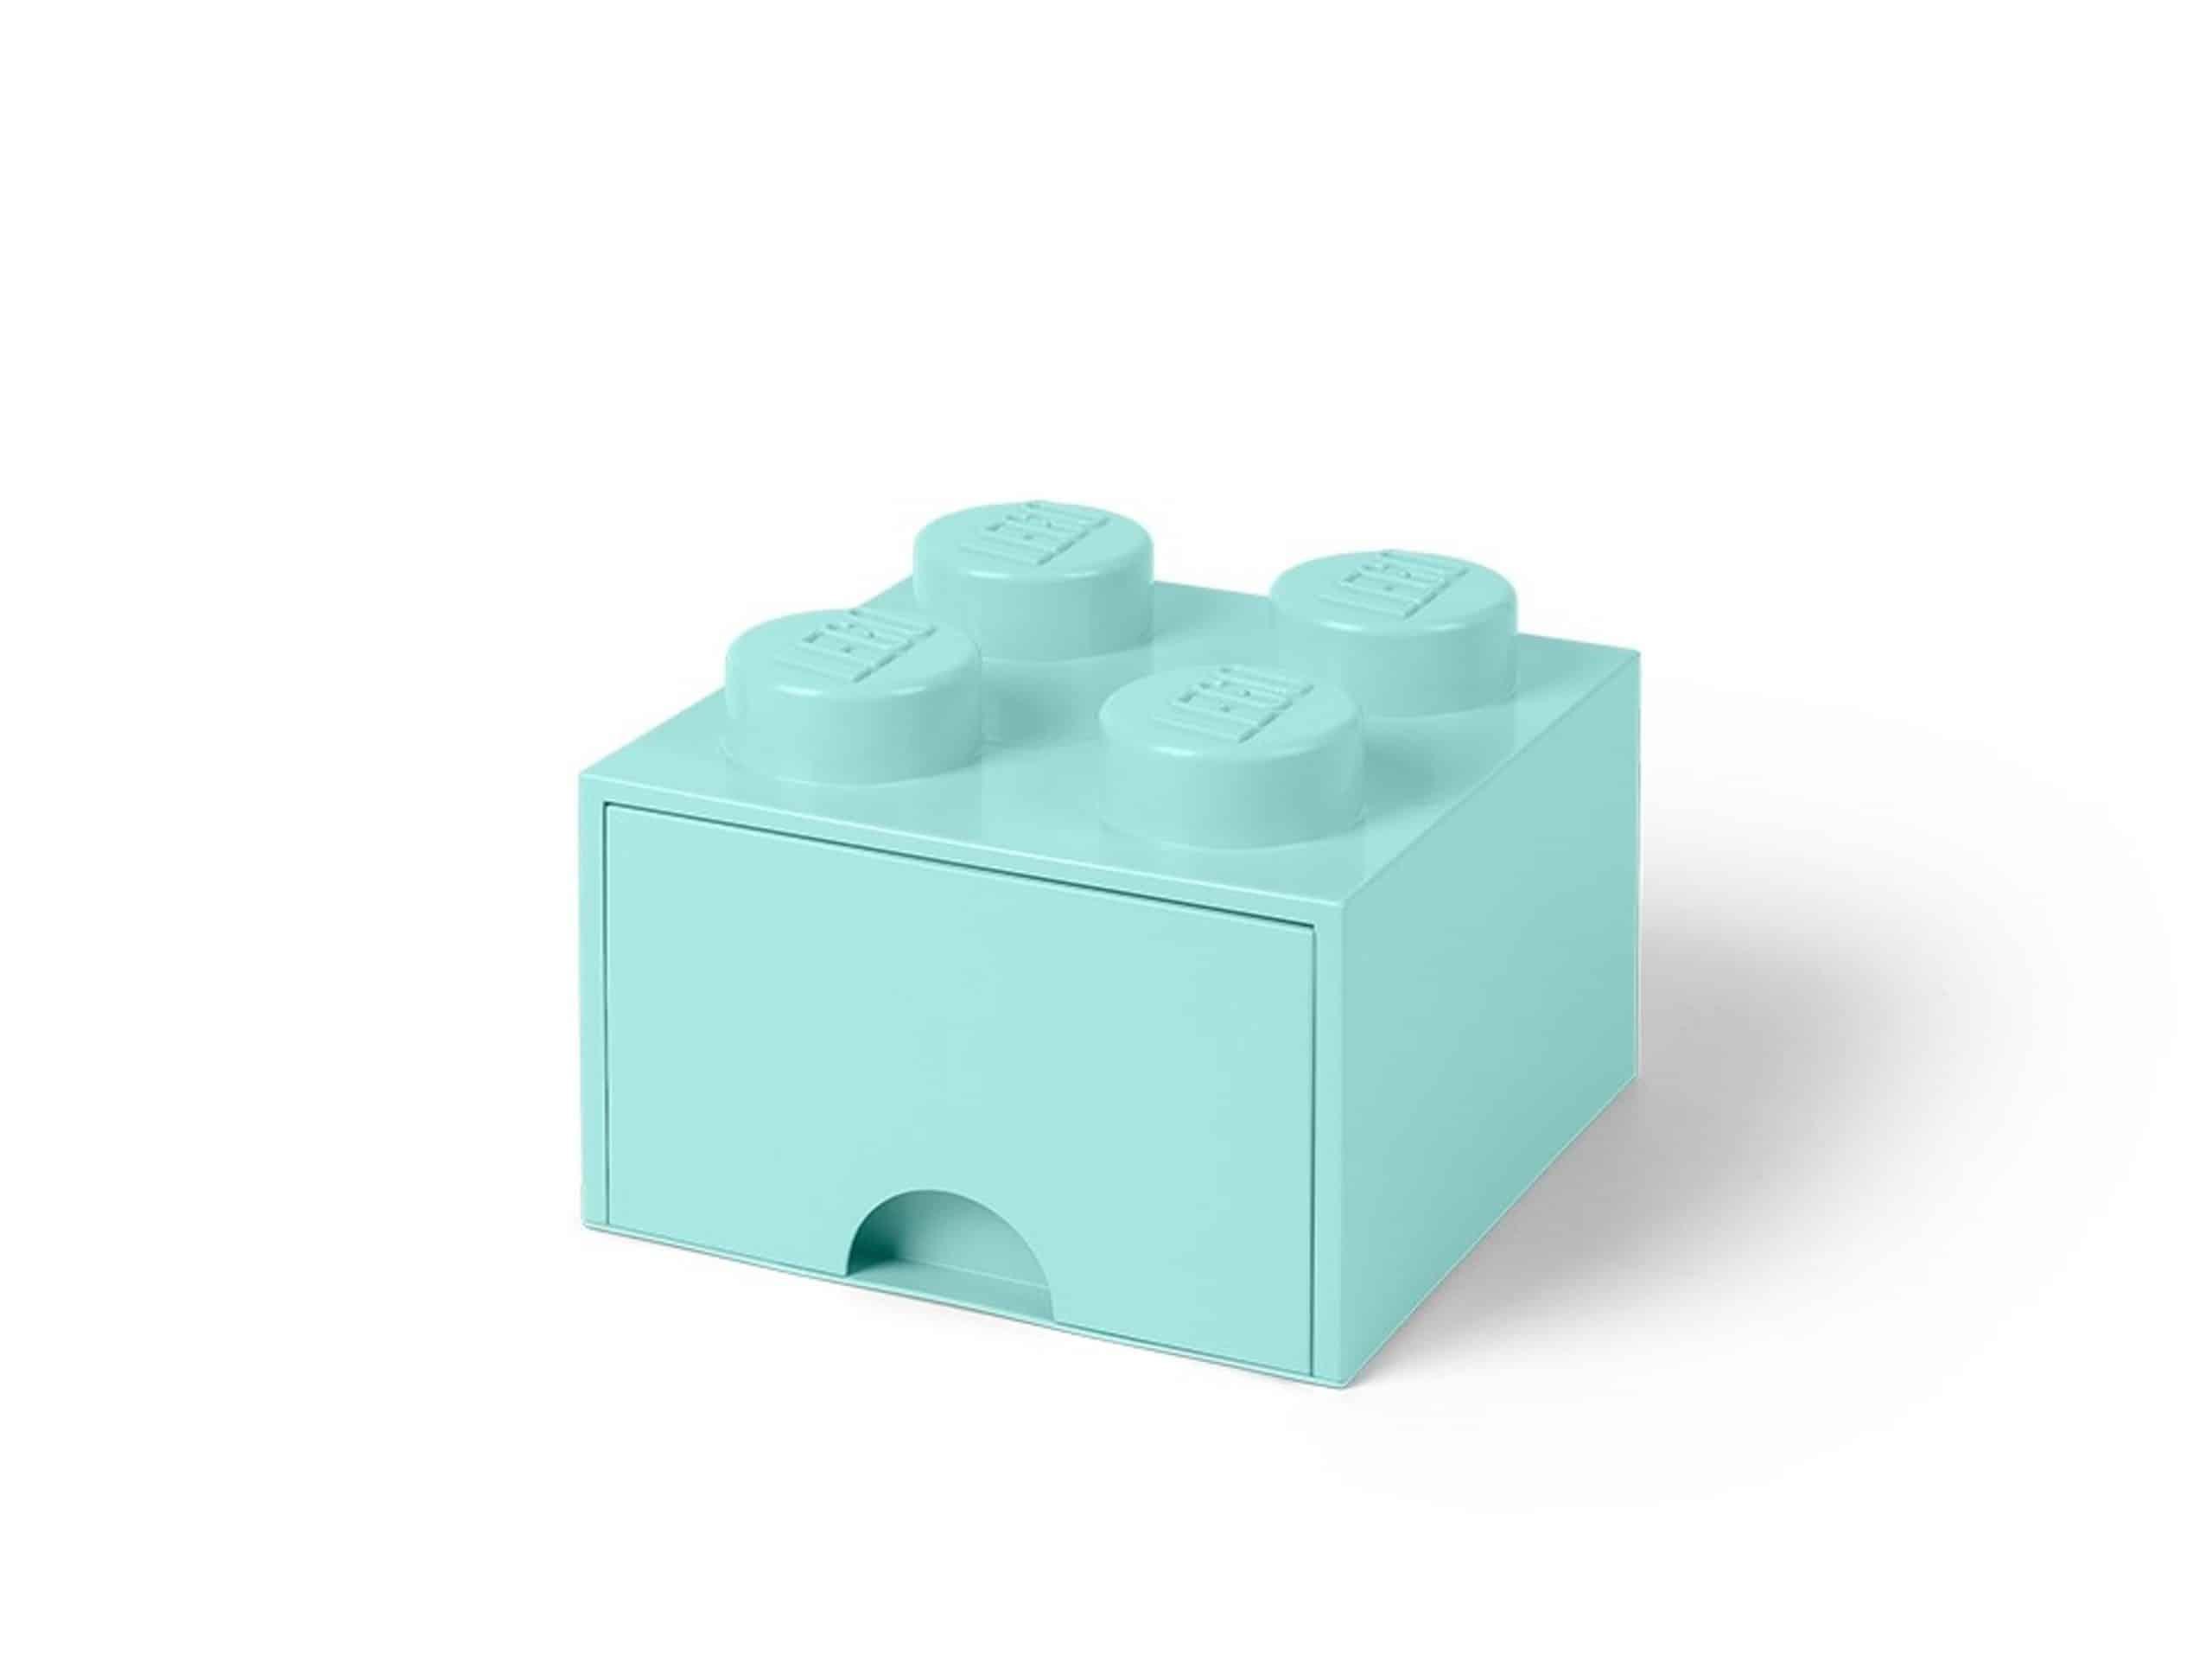 lego 5005714 aufbewahrungsstein mit 4 noppen und schubfach in wasserblau scaled